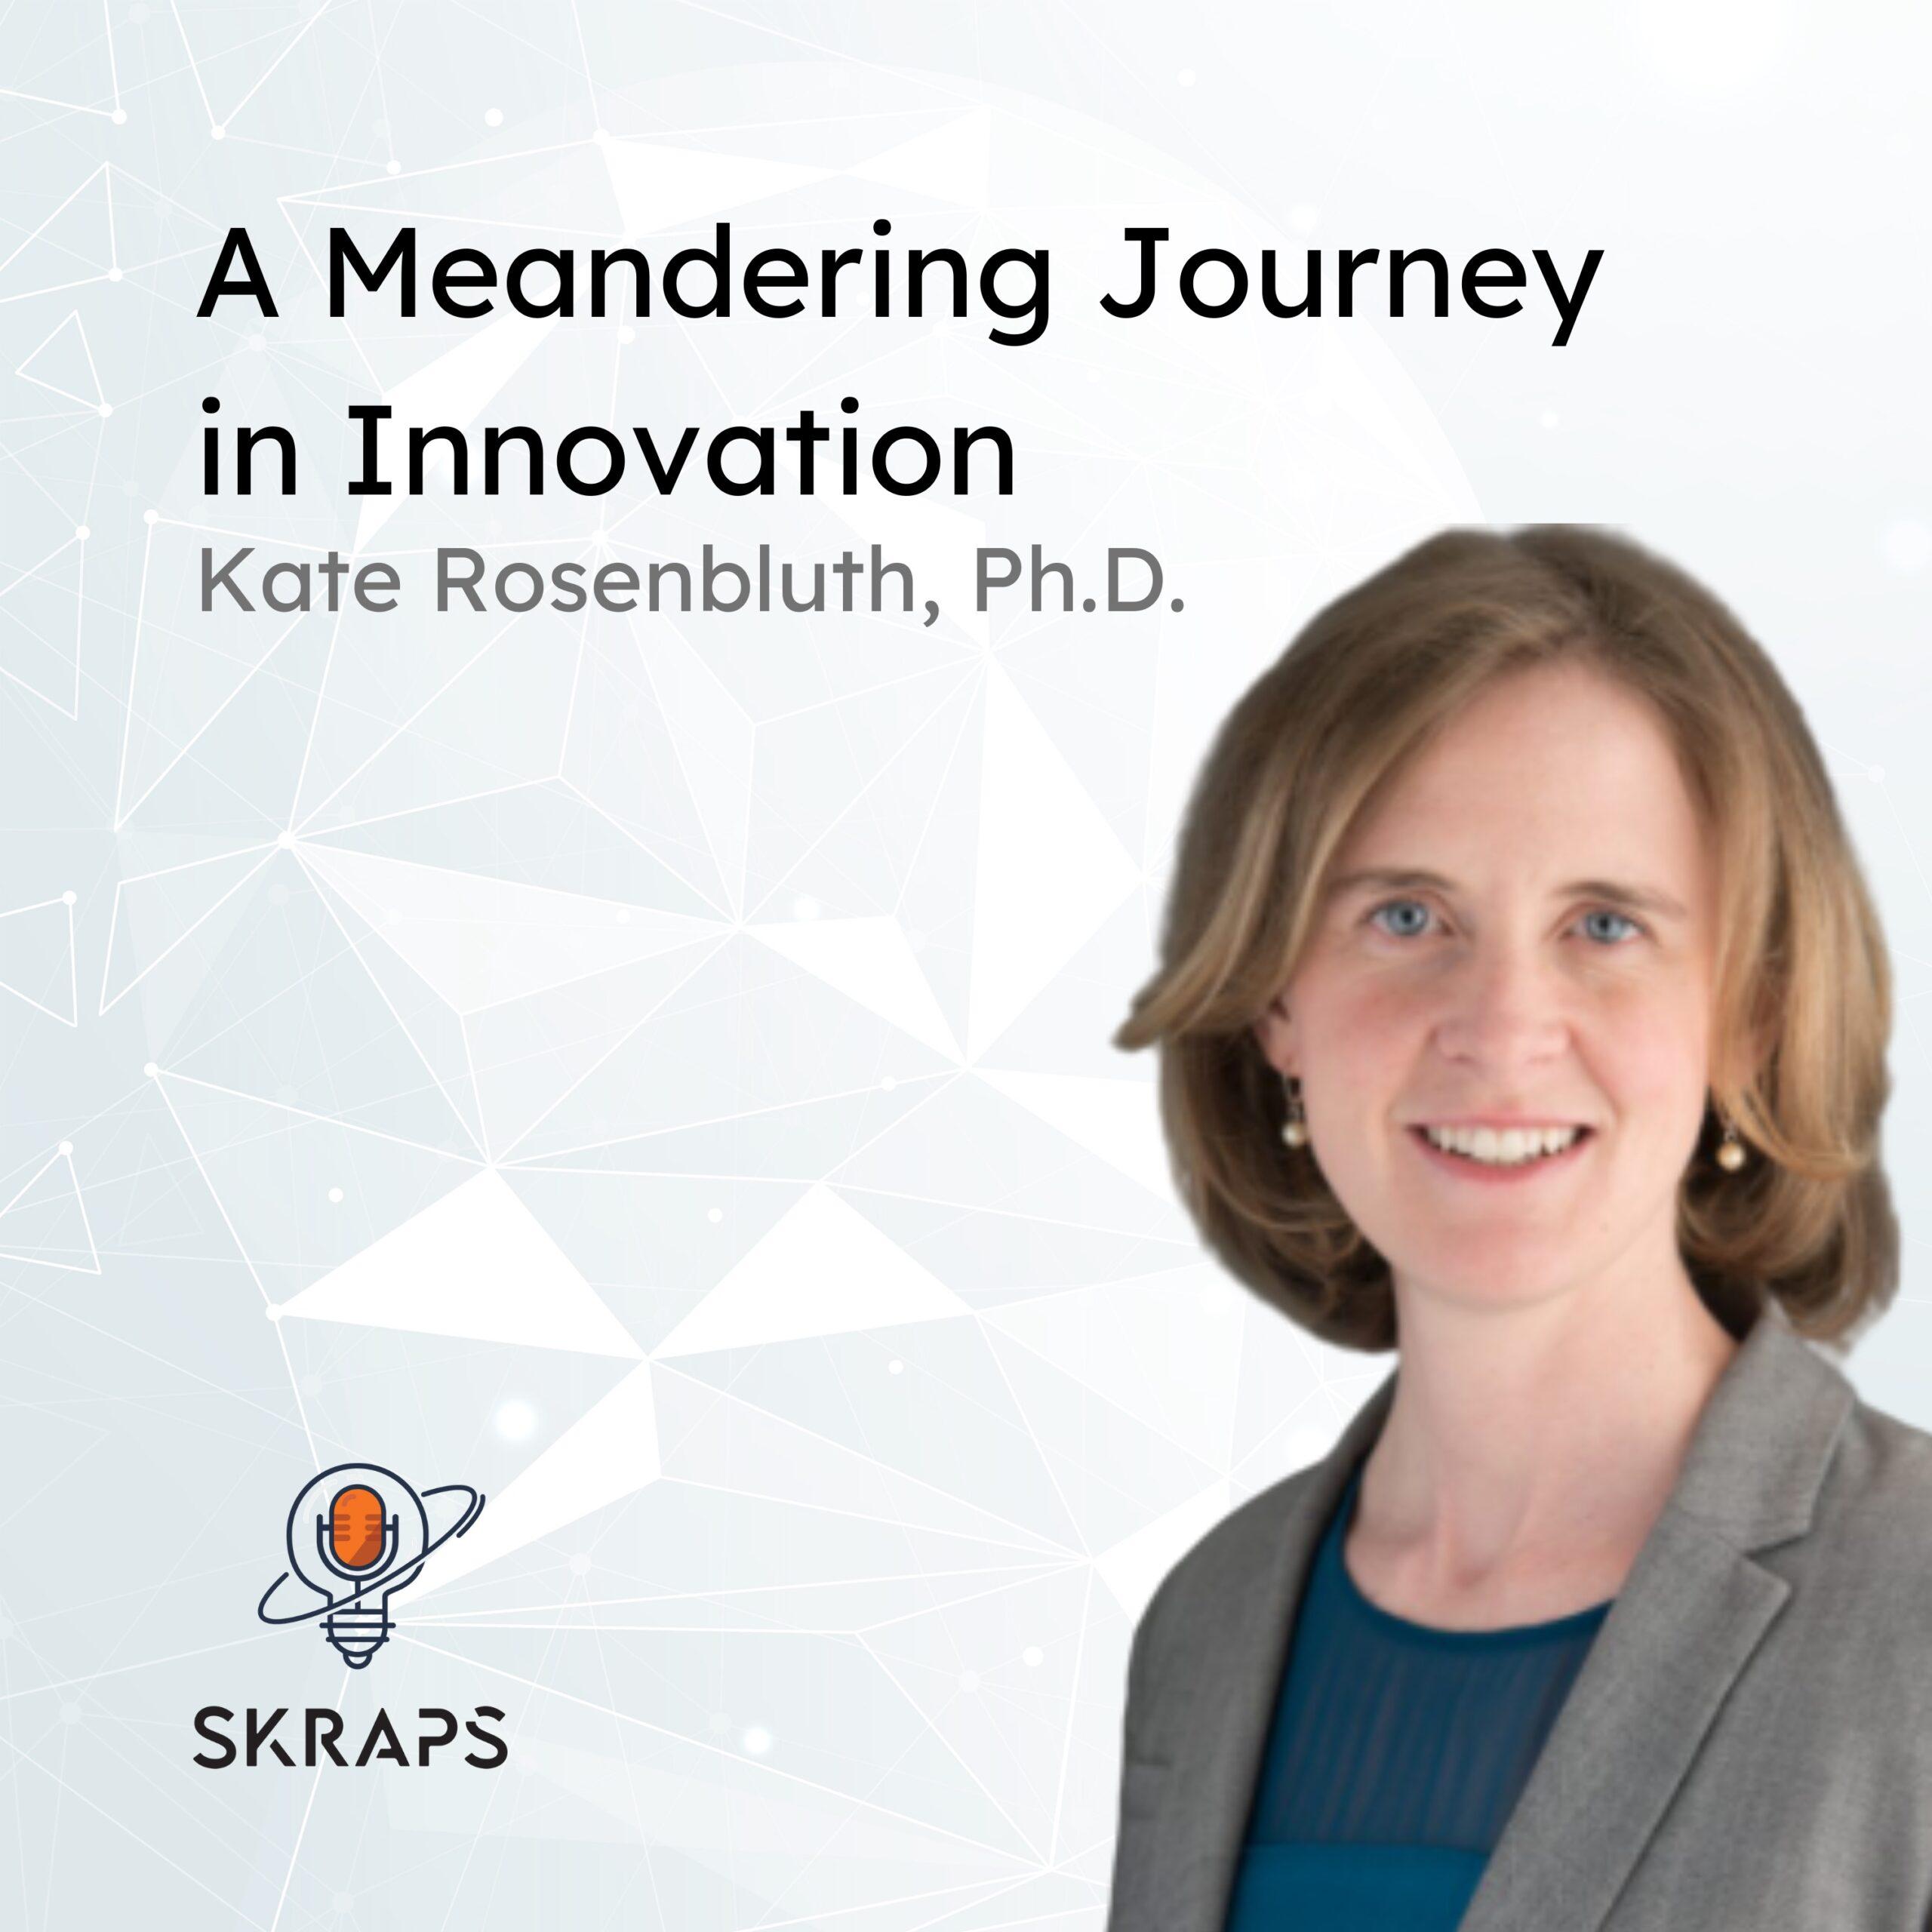 Kate Rosenbluth on Skraps